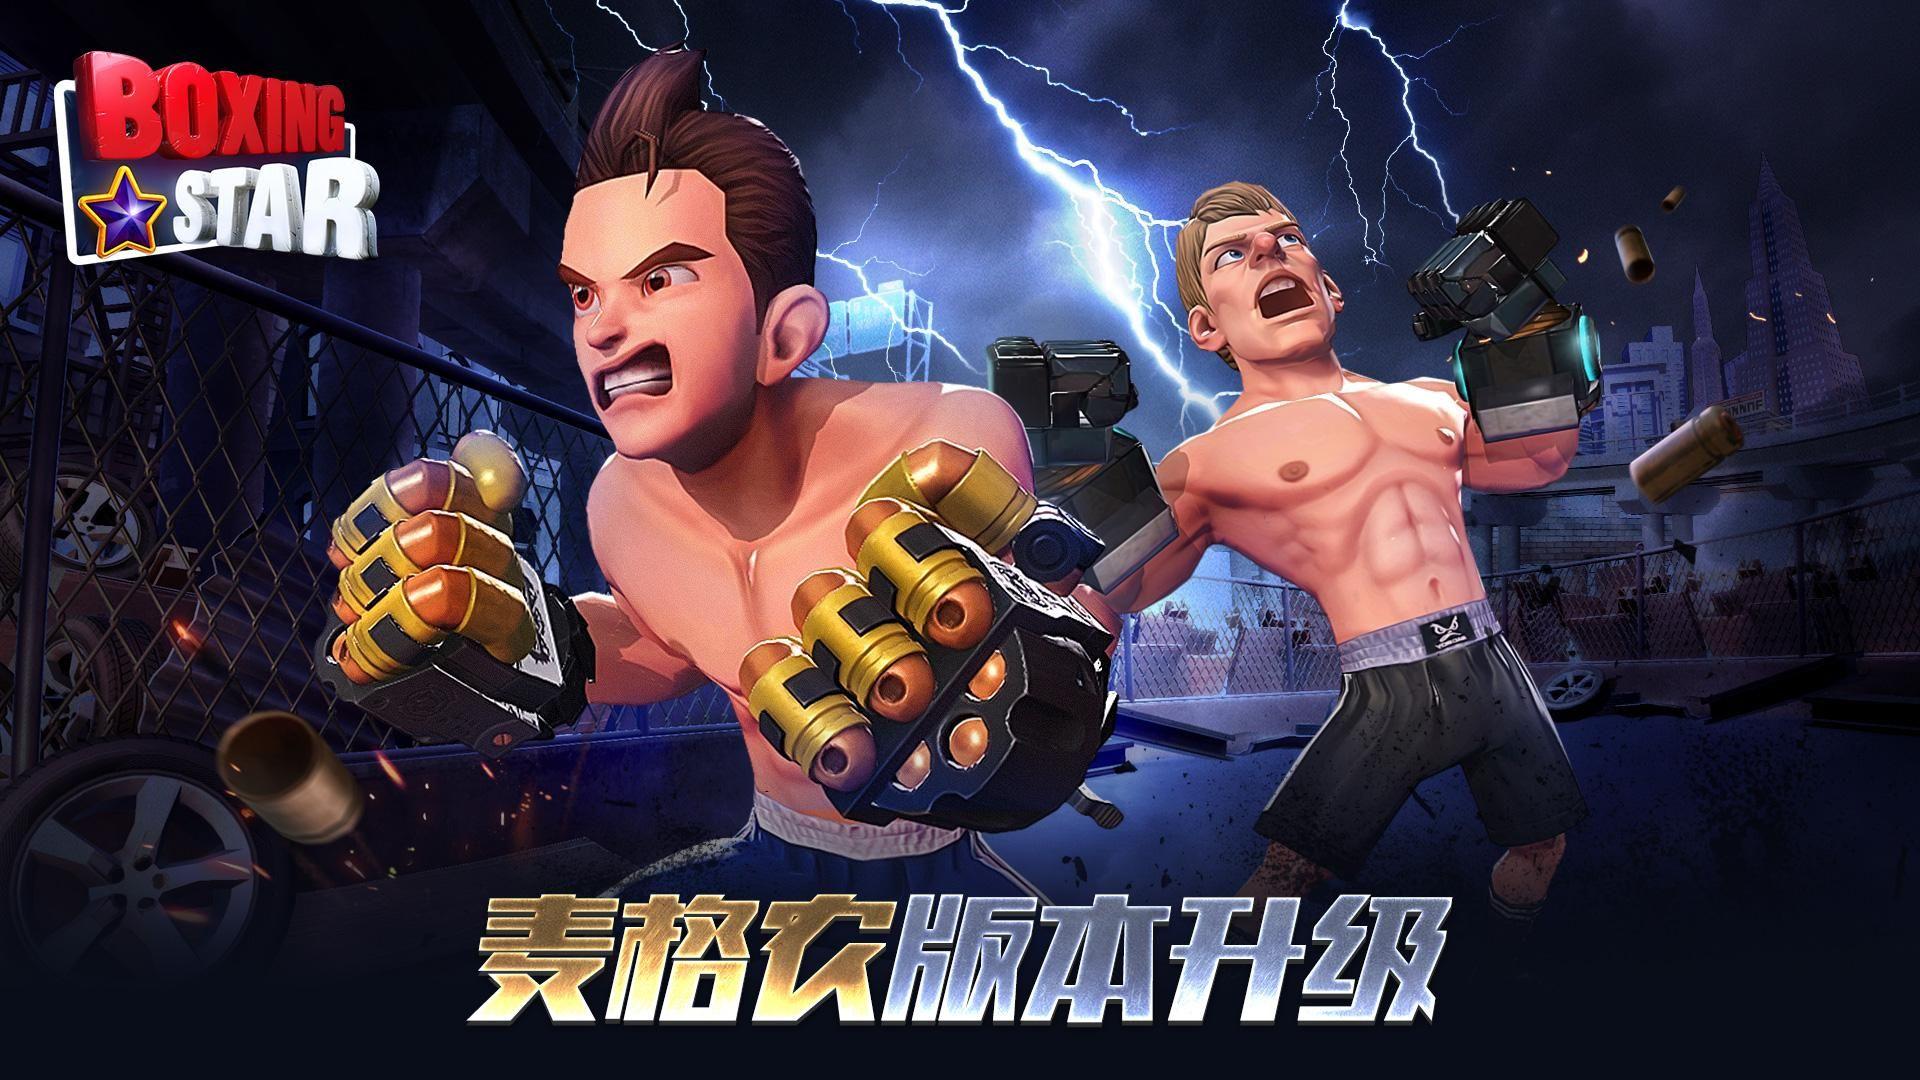 拳击之星 Boxing Star 游戏截图1